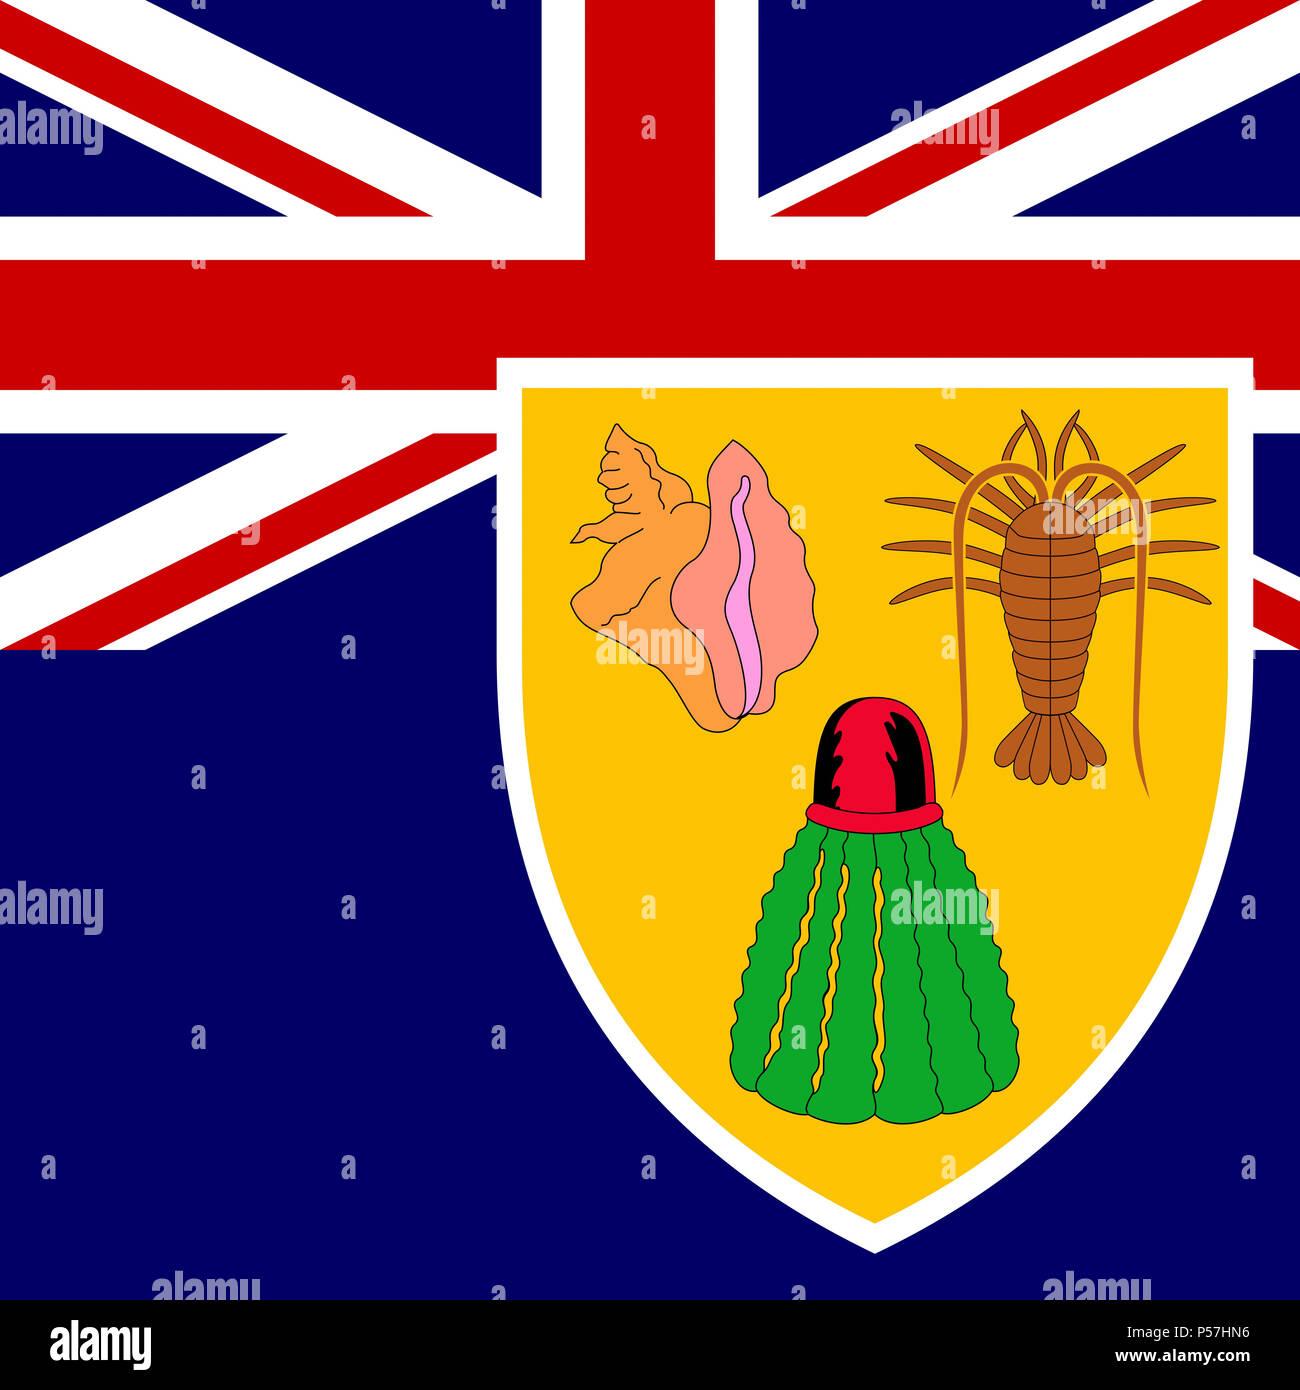 La Bandera Nacional Oficial De Las Islas Turcas Y Caicos